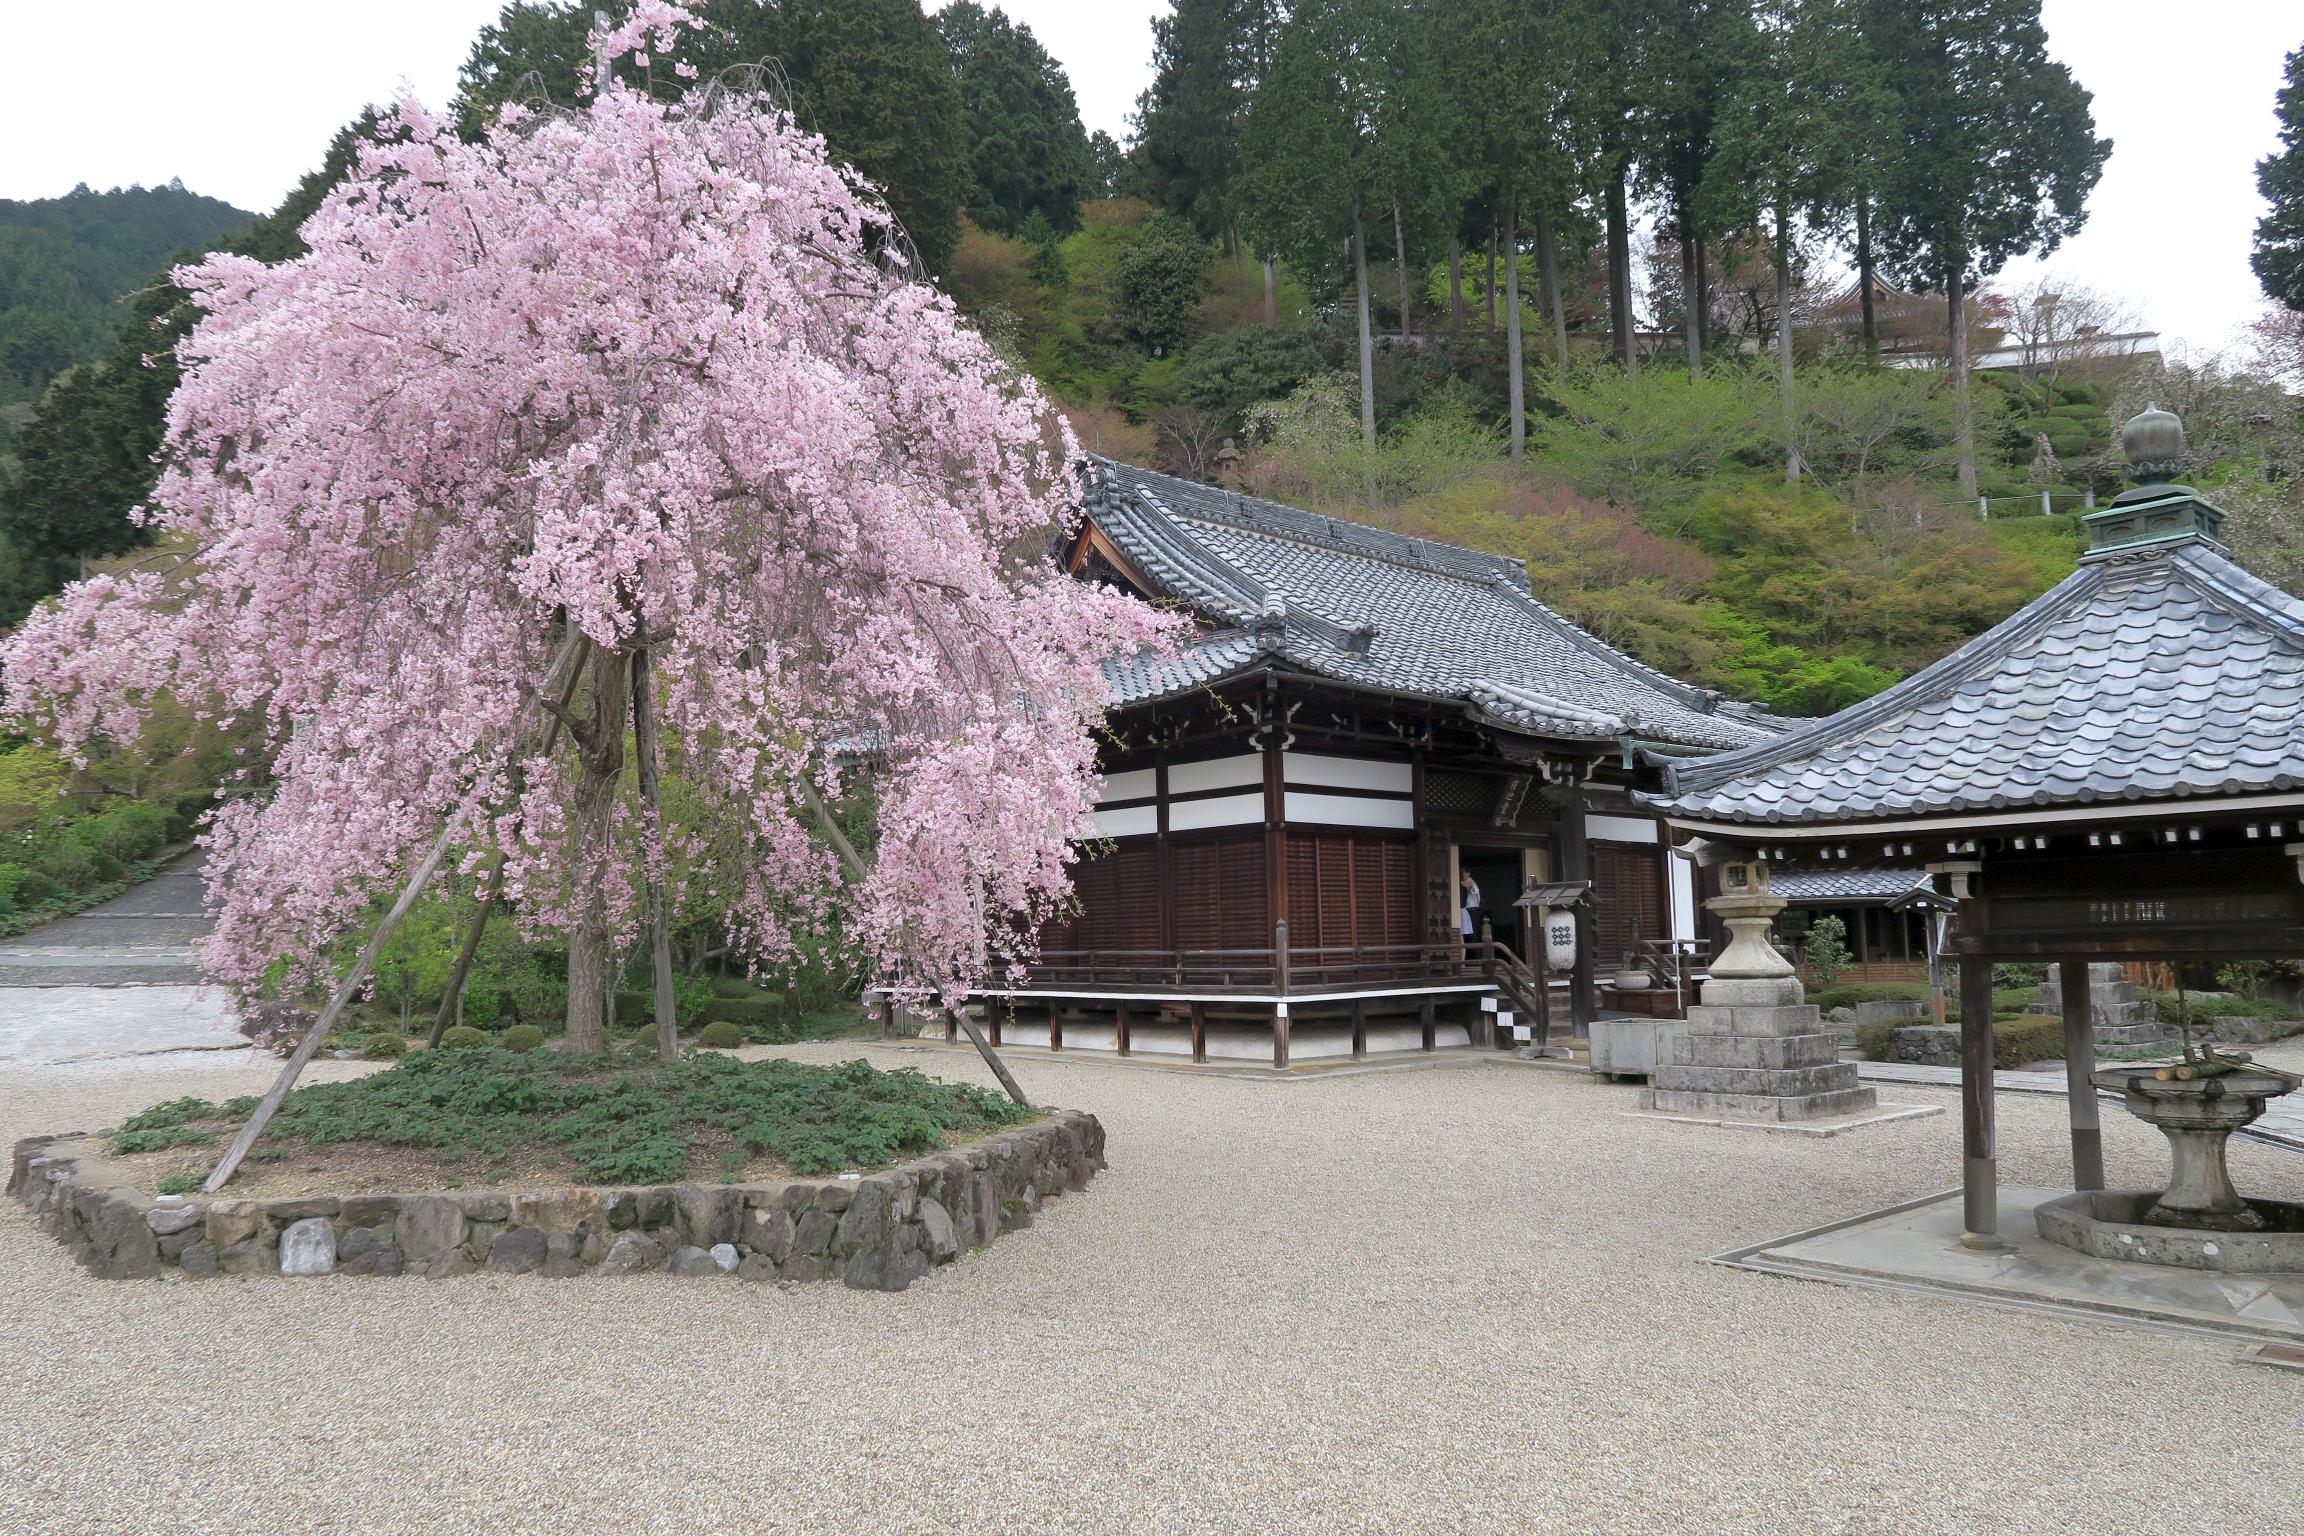 釈迦堂のしだれ桜は満開でした。善峯寺ではココの桜が最後に咲くようです。